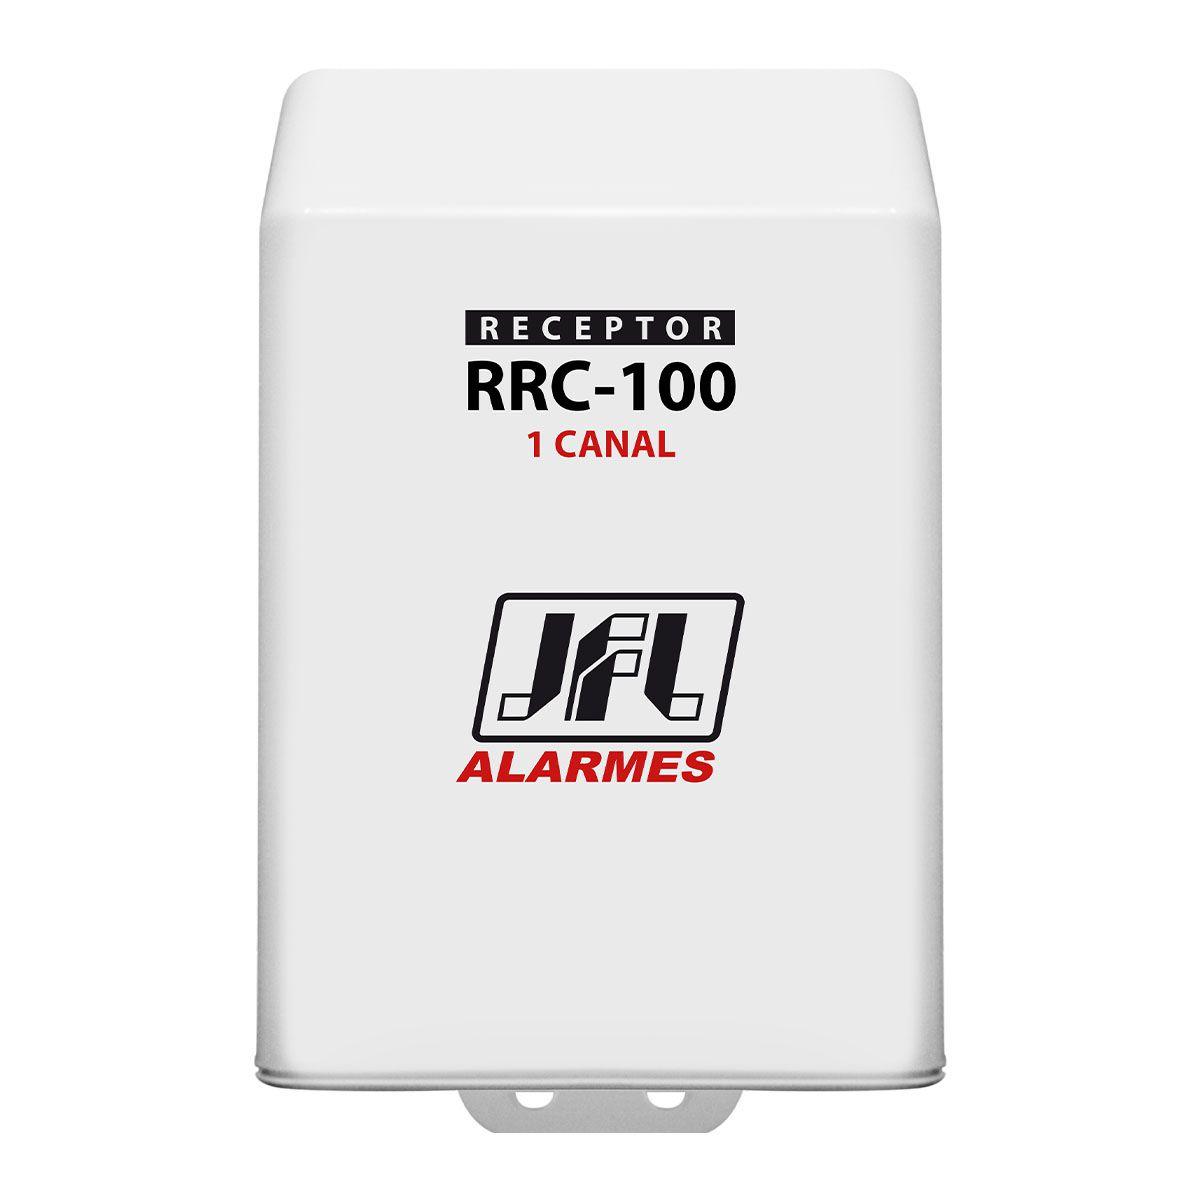 Kit Receptor Programavel 1 Canal Rrc 100 Jfl Com Controle Remoto